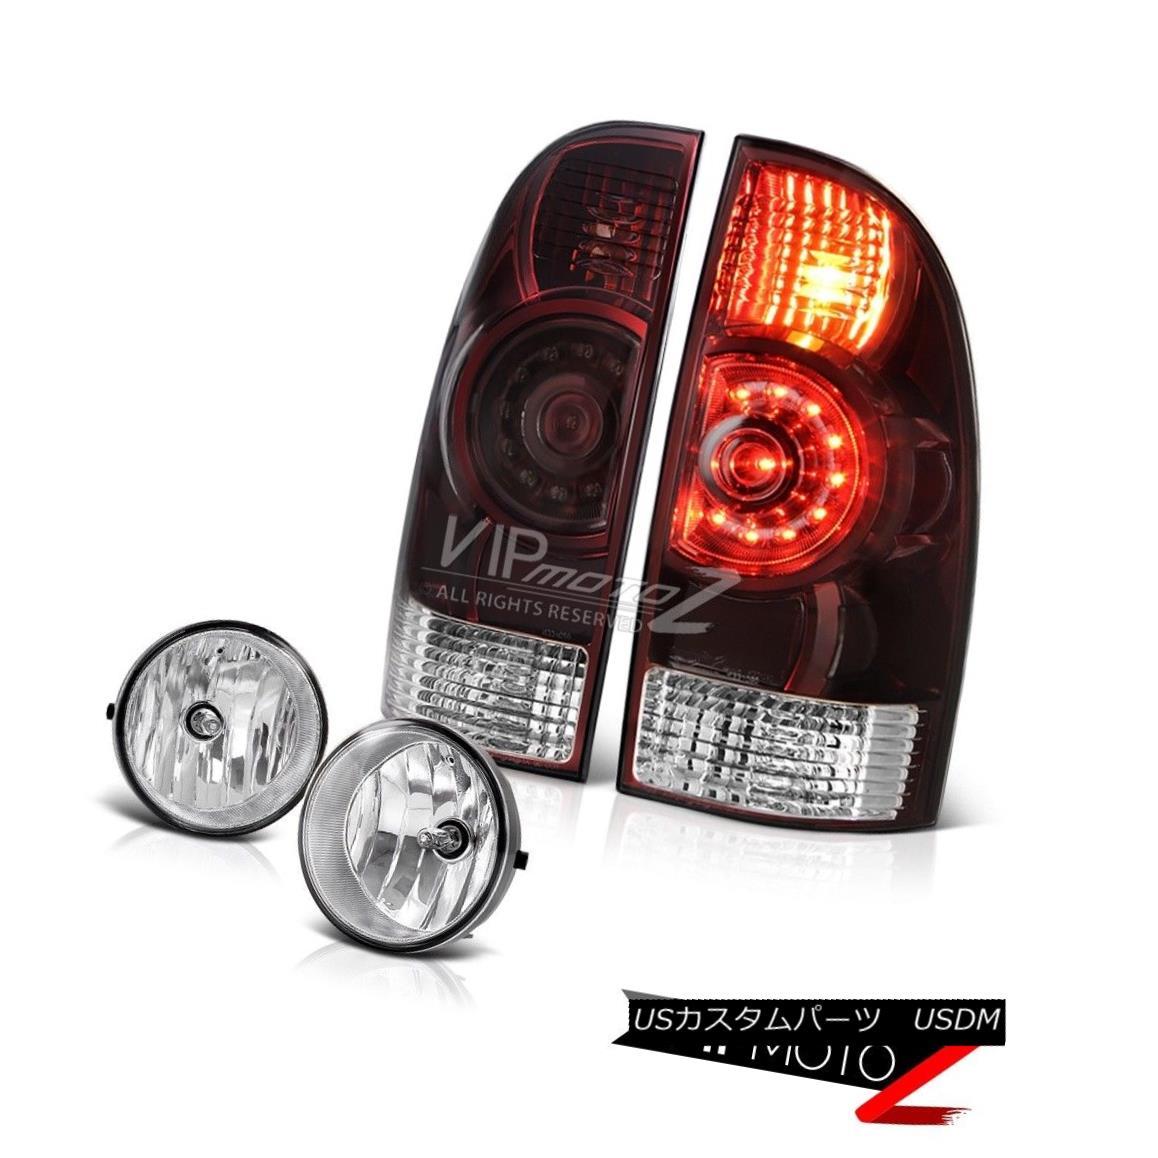 テールライト 05-11 Tacoma PreRunner Rear brake lamps crystal clear foglights LED